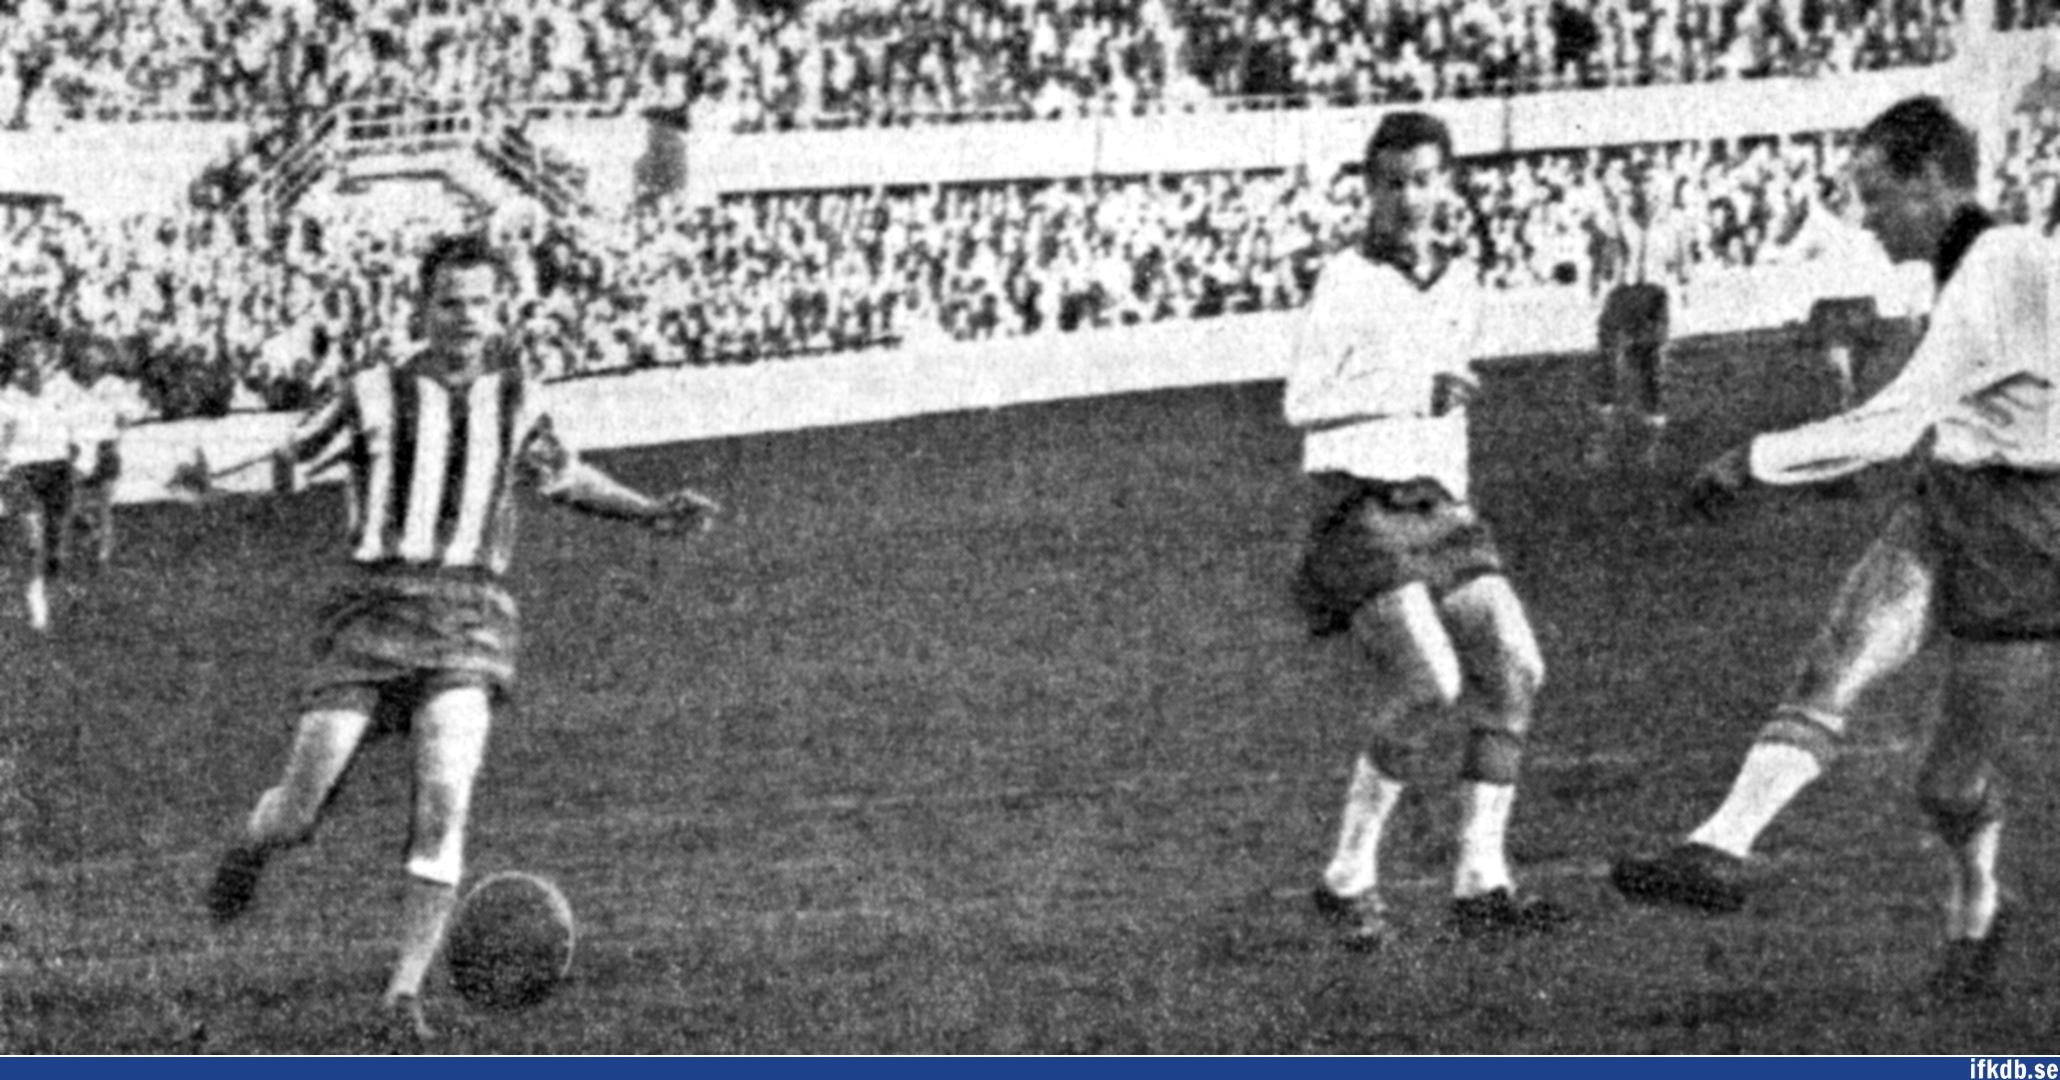 Dala Gustavsson (t.v.) hinner inte göra åt något åt inhopparen Gösta Löfgrens matchavgörande 2-1 för Norrköping. I mitten ses Norrköpings Örjan Martinsson som IFK Göteborg lånande in 1961 för en vinterturné.